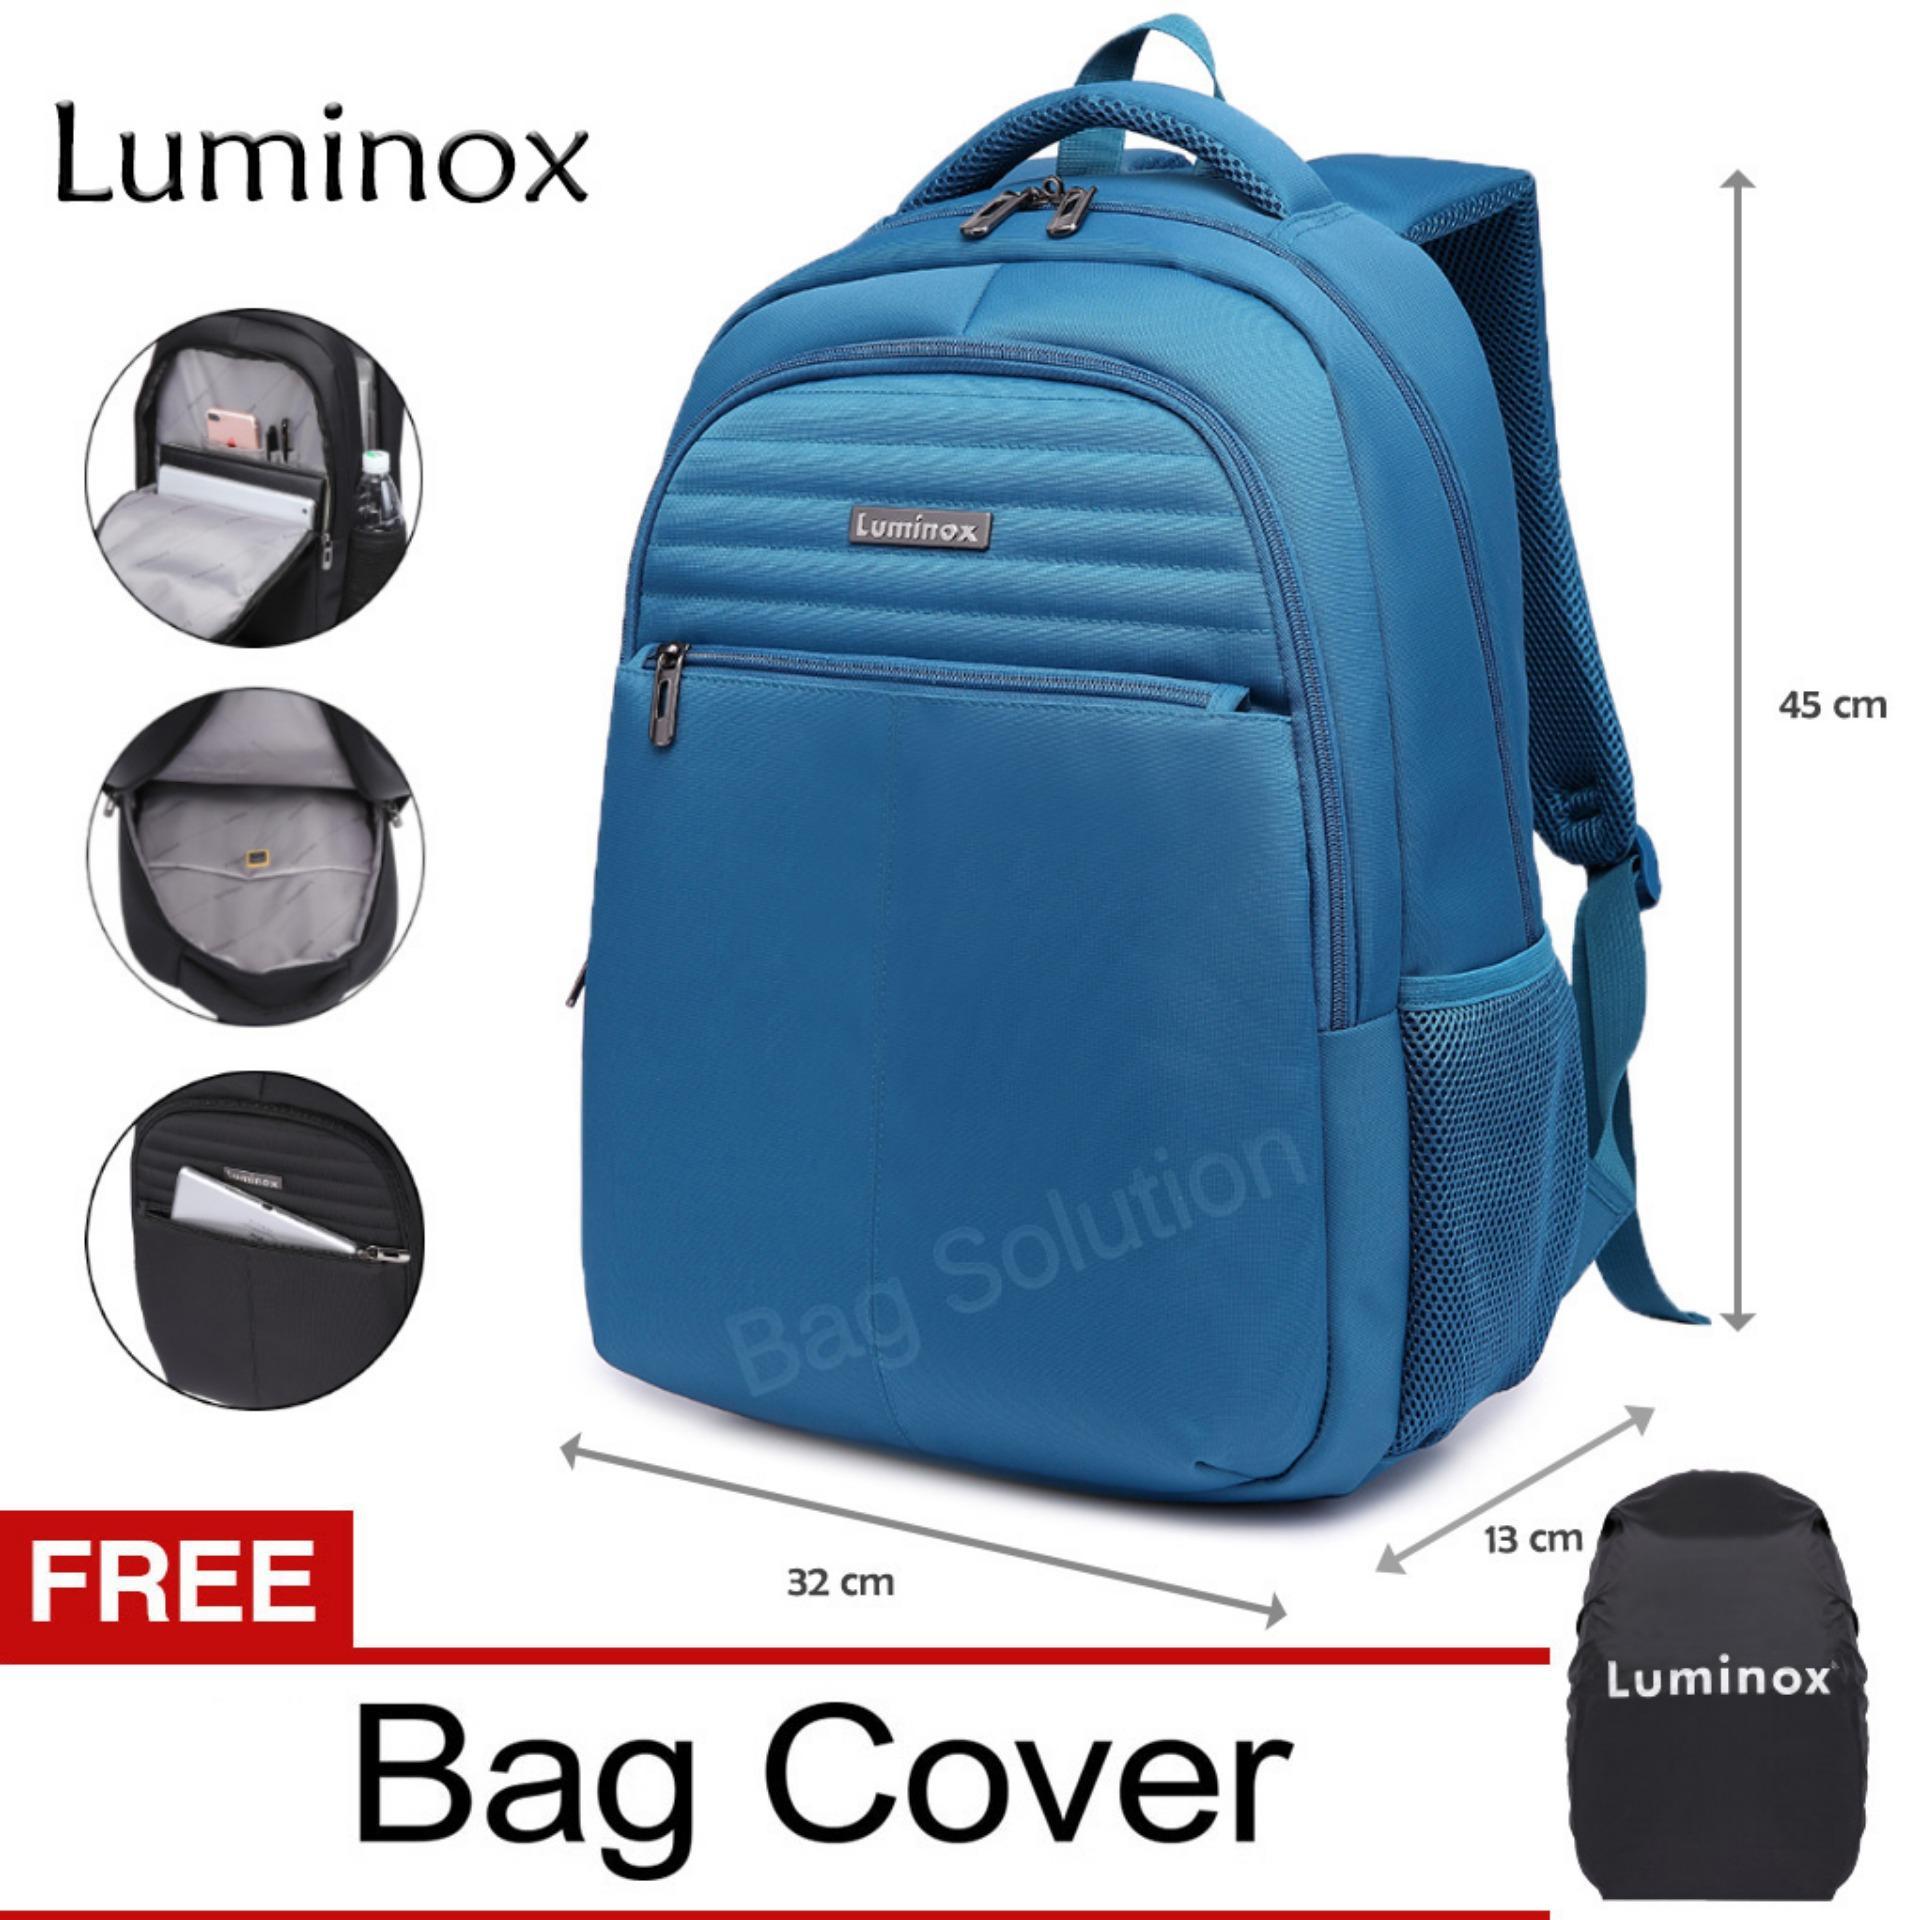 Spesifikasi Luminox Tas Ransel Laptop Tas Pria Tas Wanita Tas Laptop Backpack Up To 15 Inch Anti Air 5911 Biru Bonus Bag Cover Yg Baik